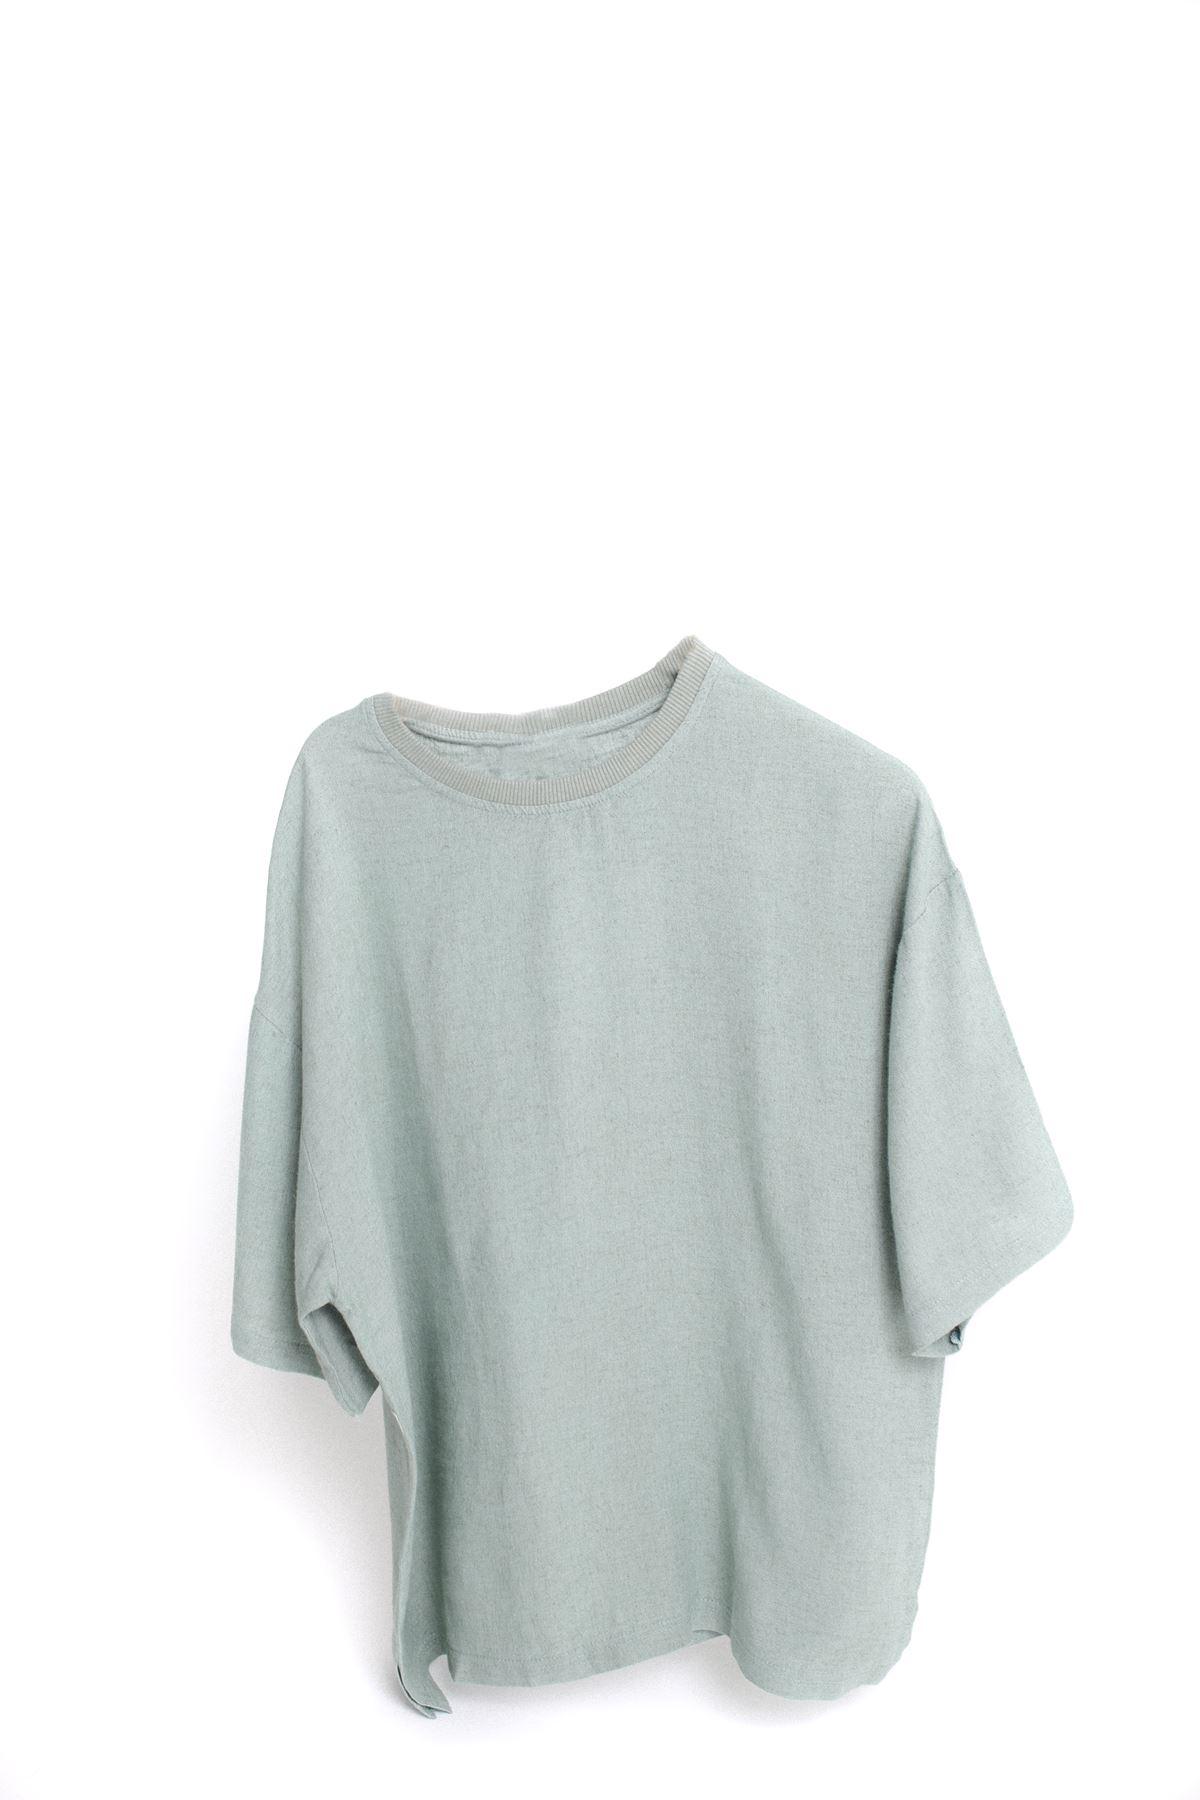 Deniz Yeşili Keten T-Shirt Boru Paça Deniz Yeşili Keten Jogger Kombin